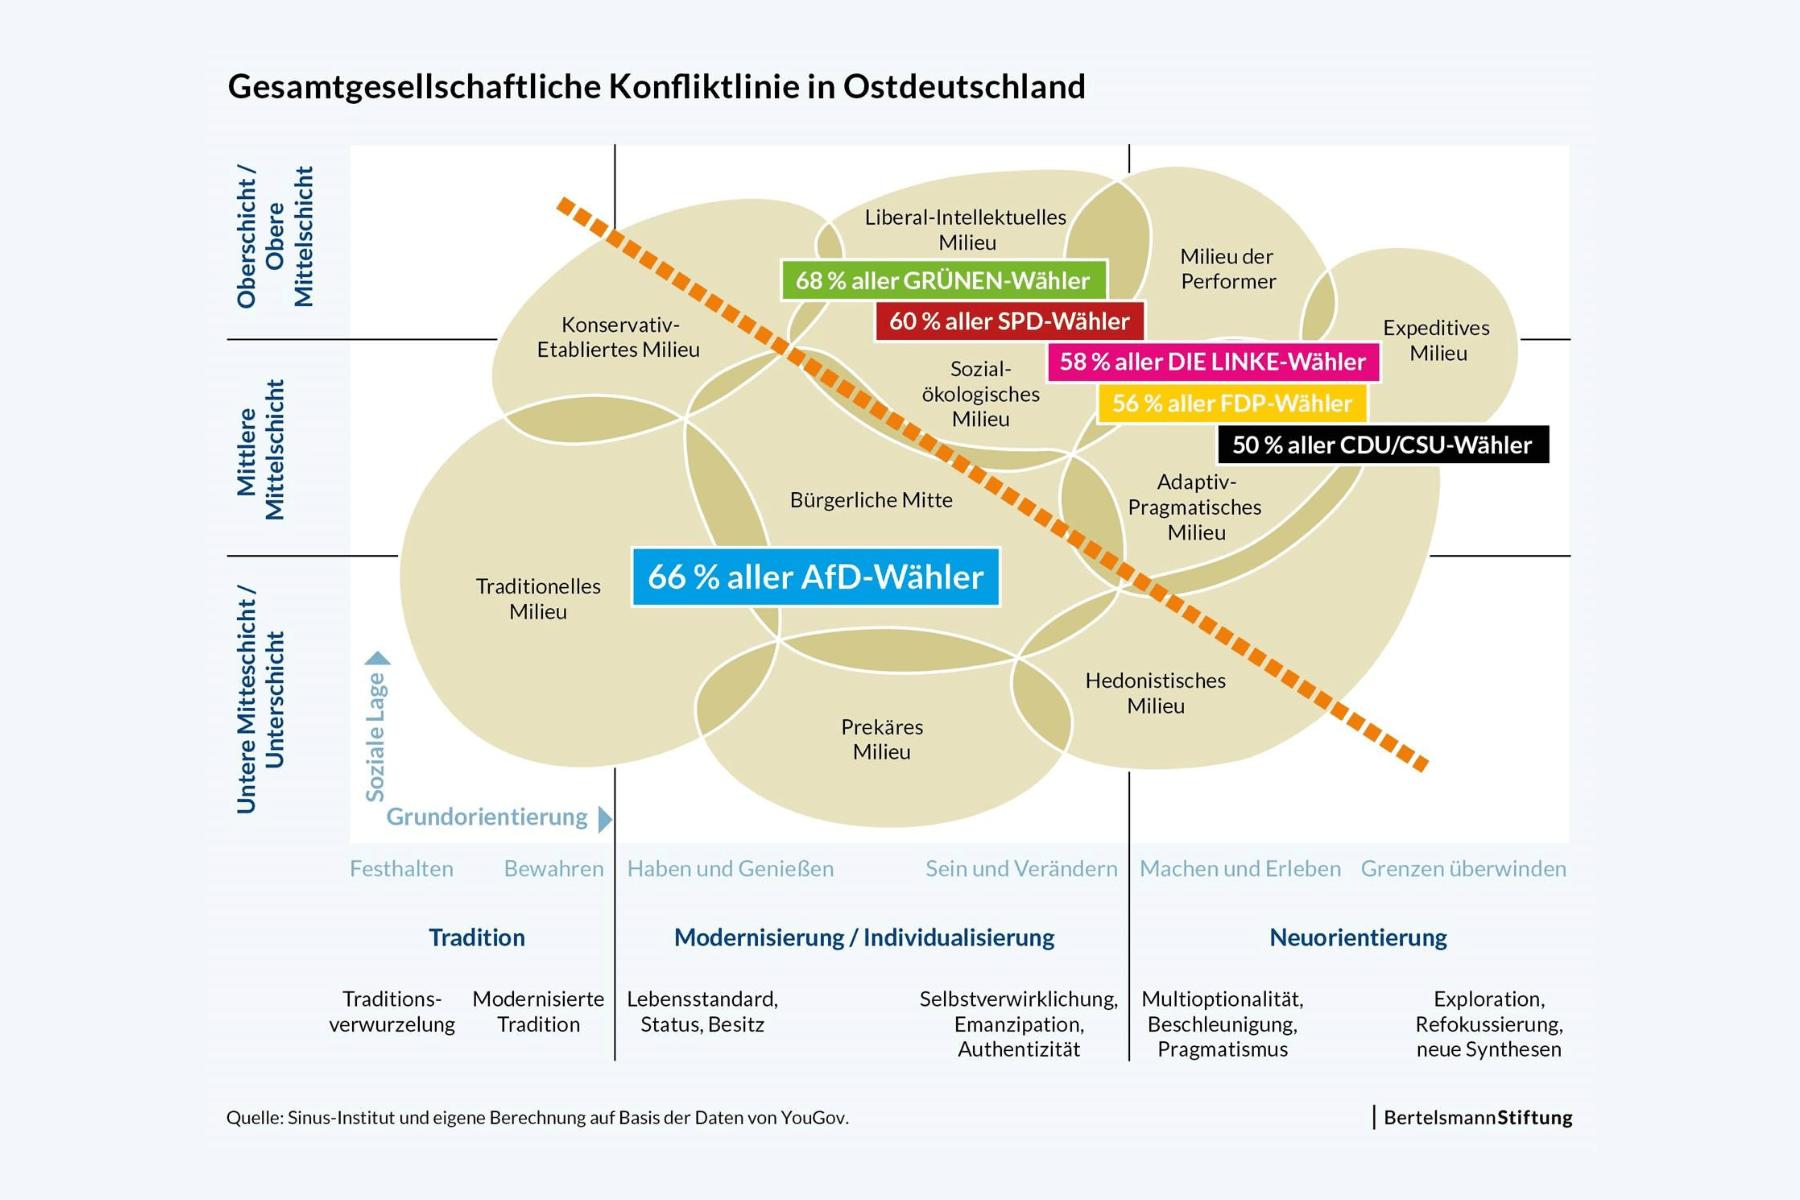 Landtagswahlen 2019: Warum wählt der Osten so anders?